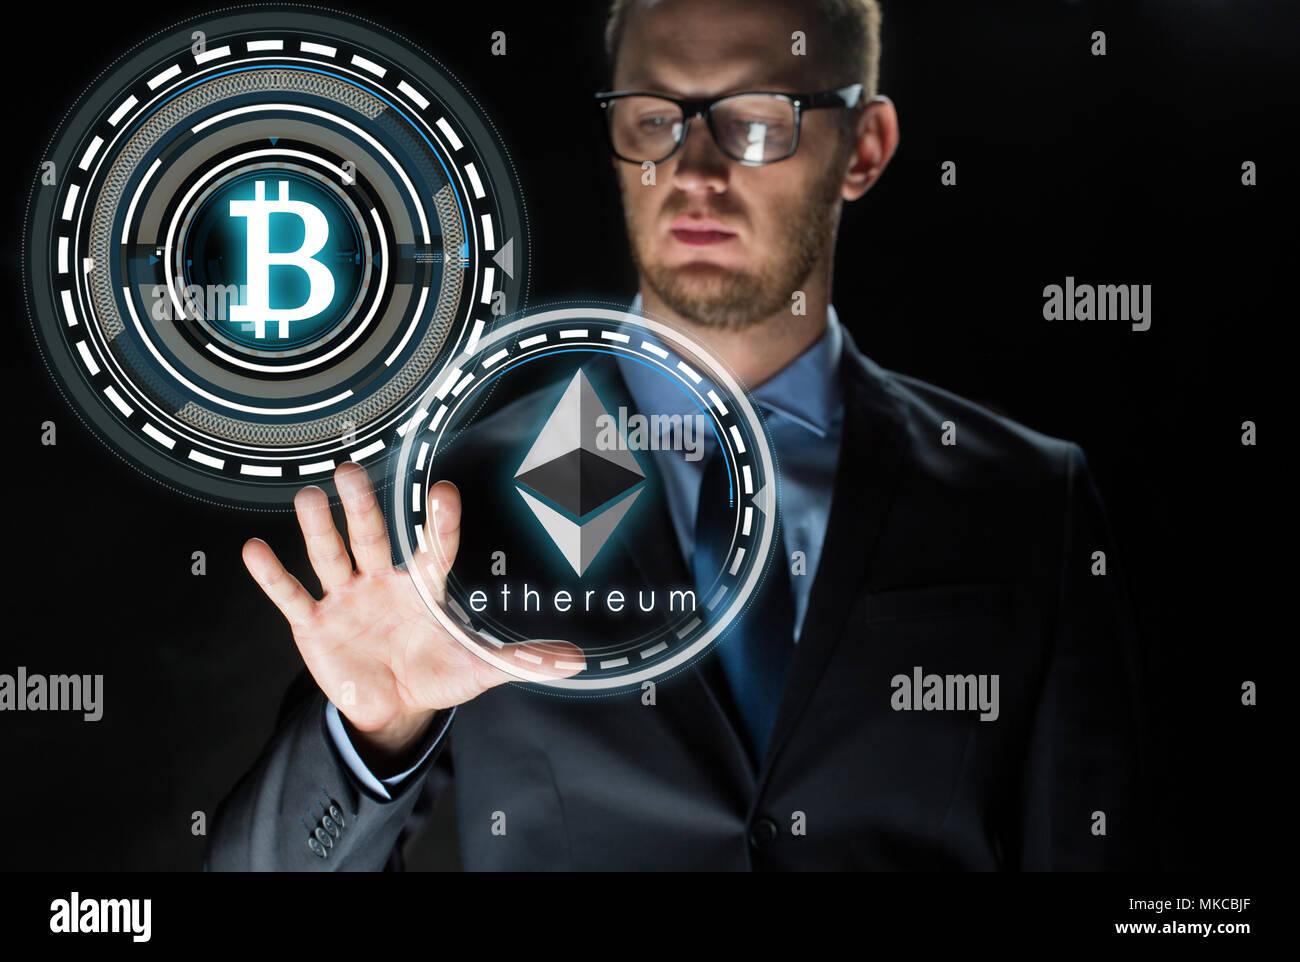 Geschäftsmann mit astraleums und bitcoin Hologramme Stockbild